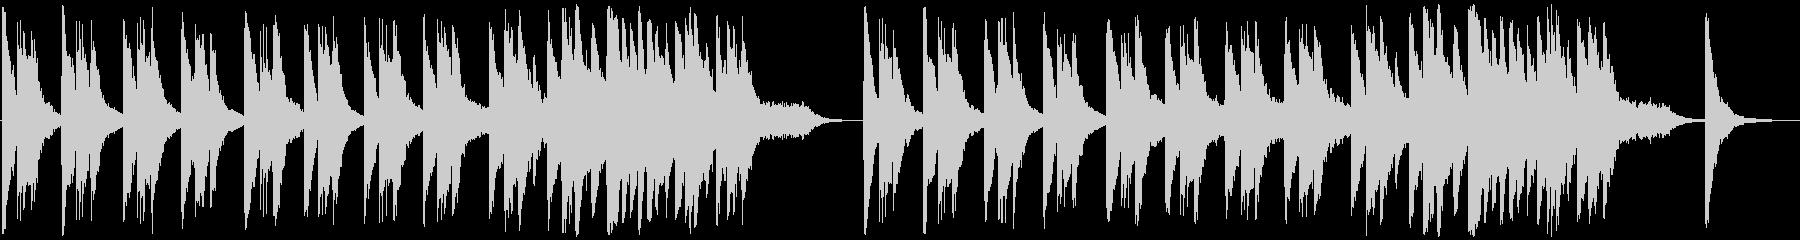 アンビエント 感情的 バラード ピアノの未再生の波形